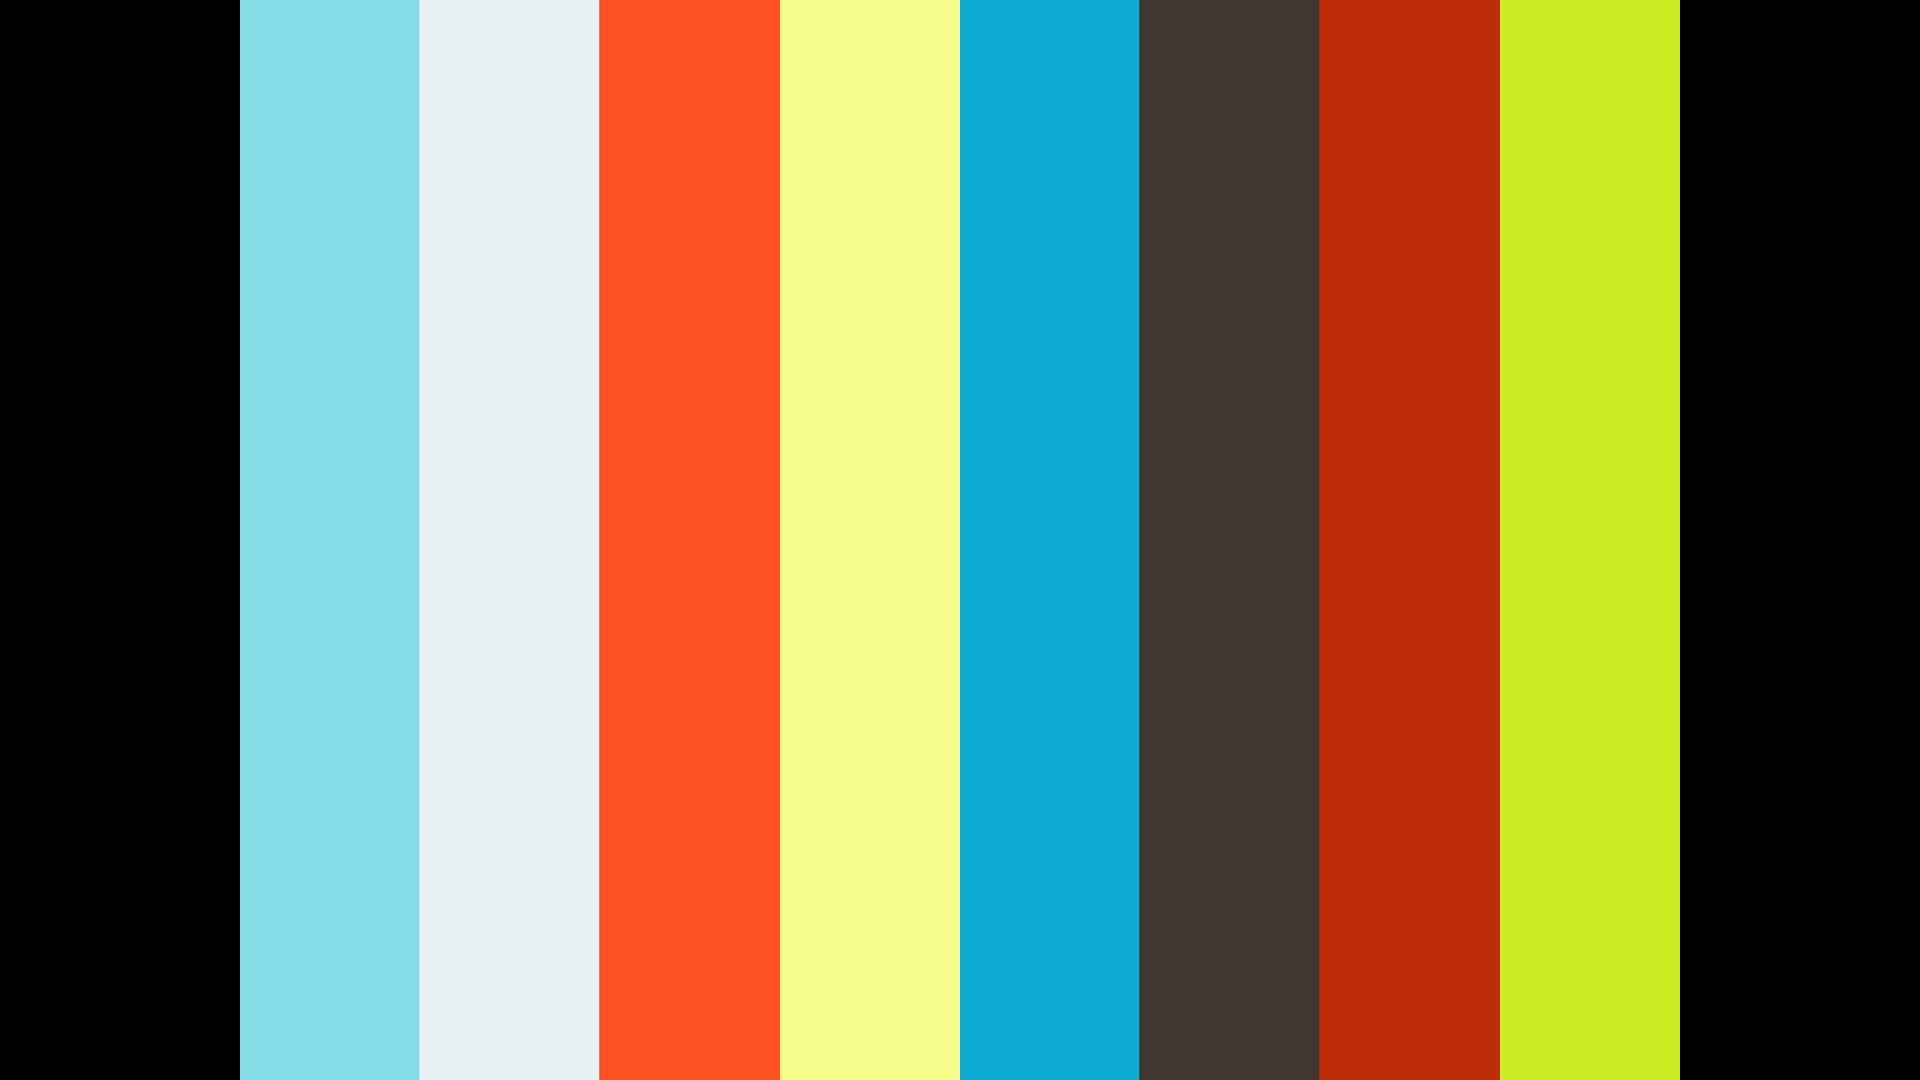 VB-FynboTV-2019-09-03-KF